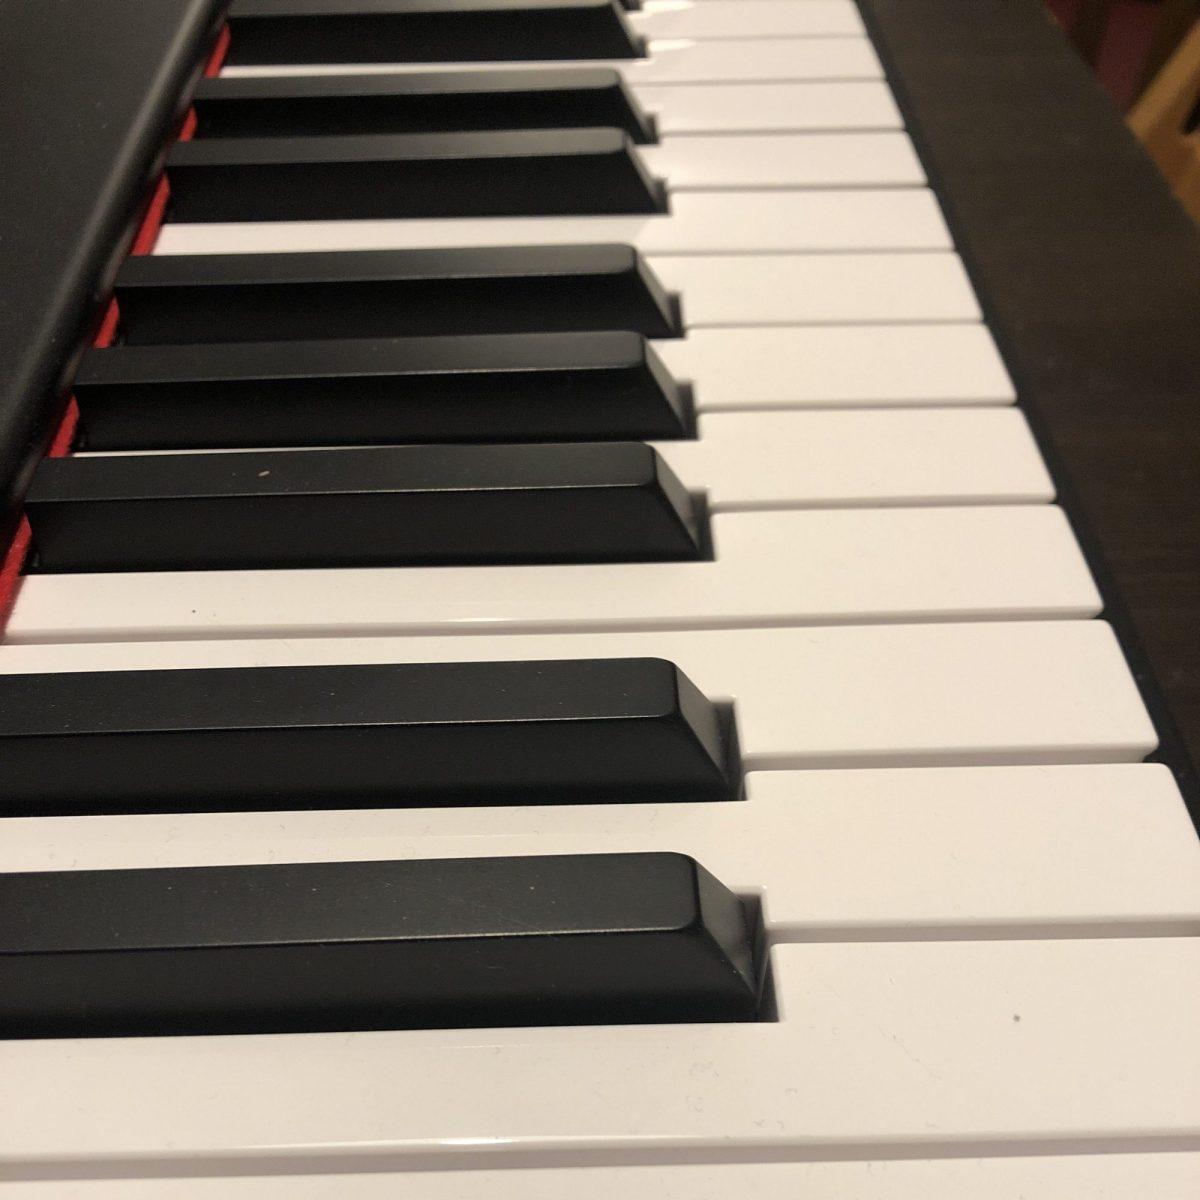 Touches de piano en gros plan